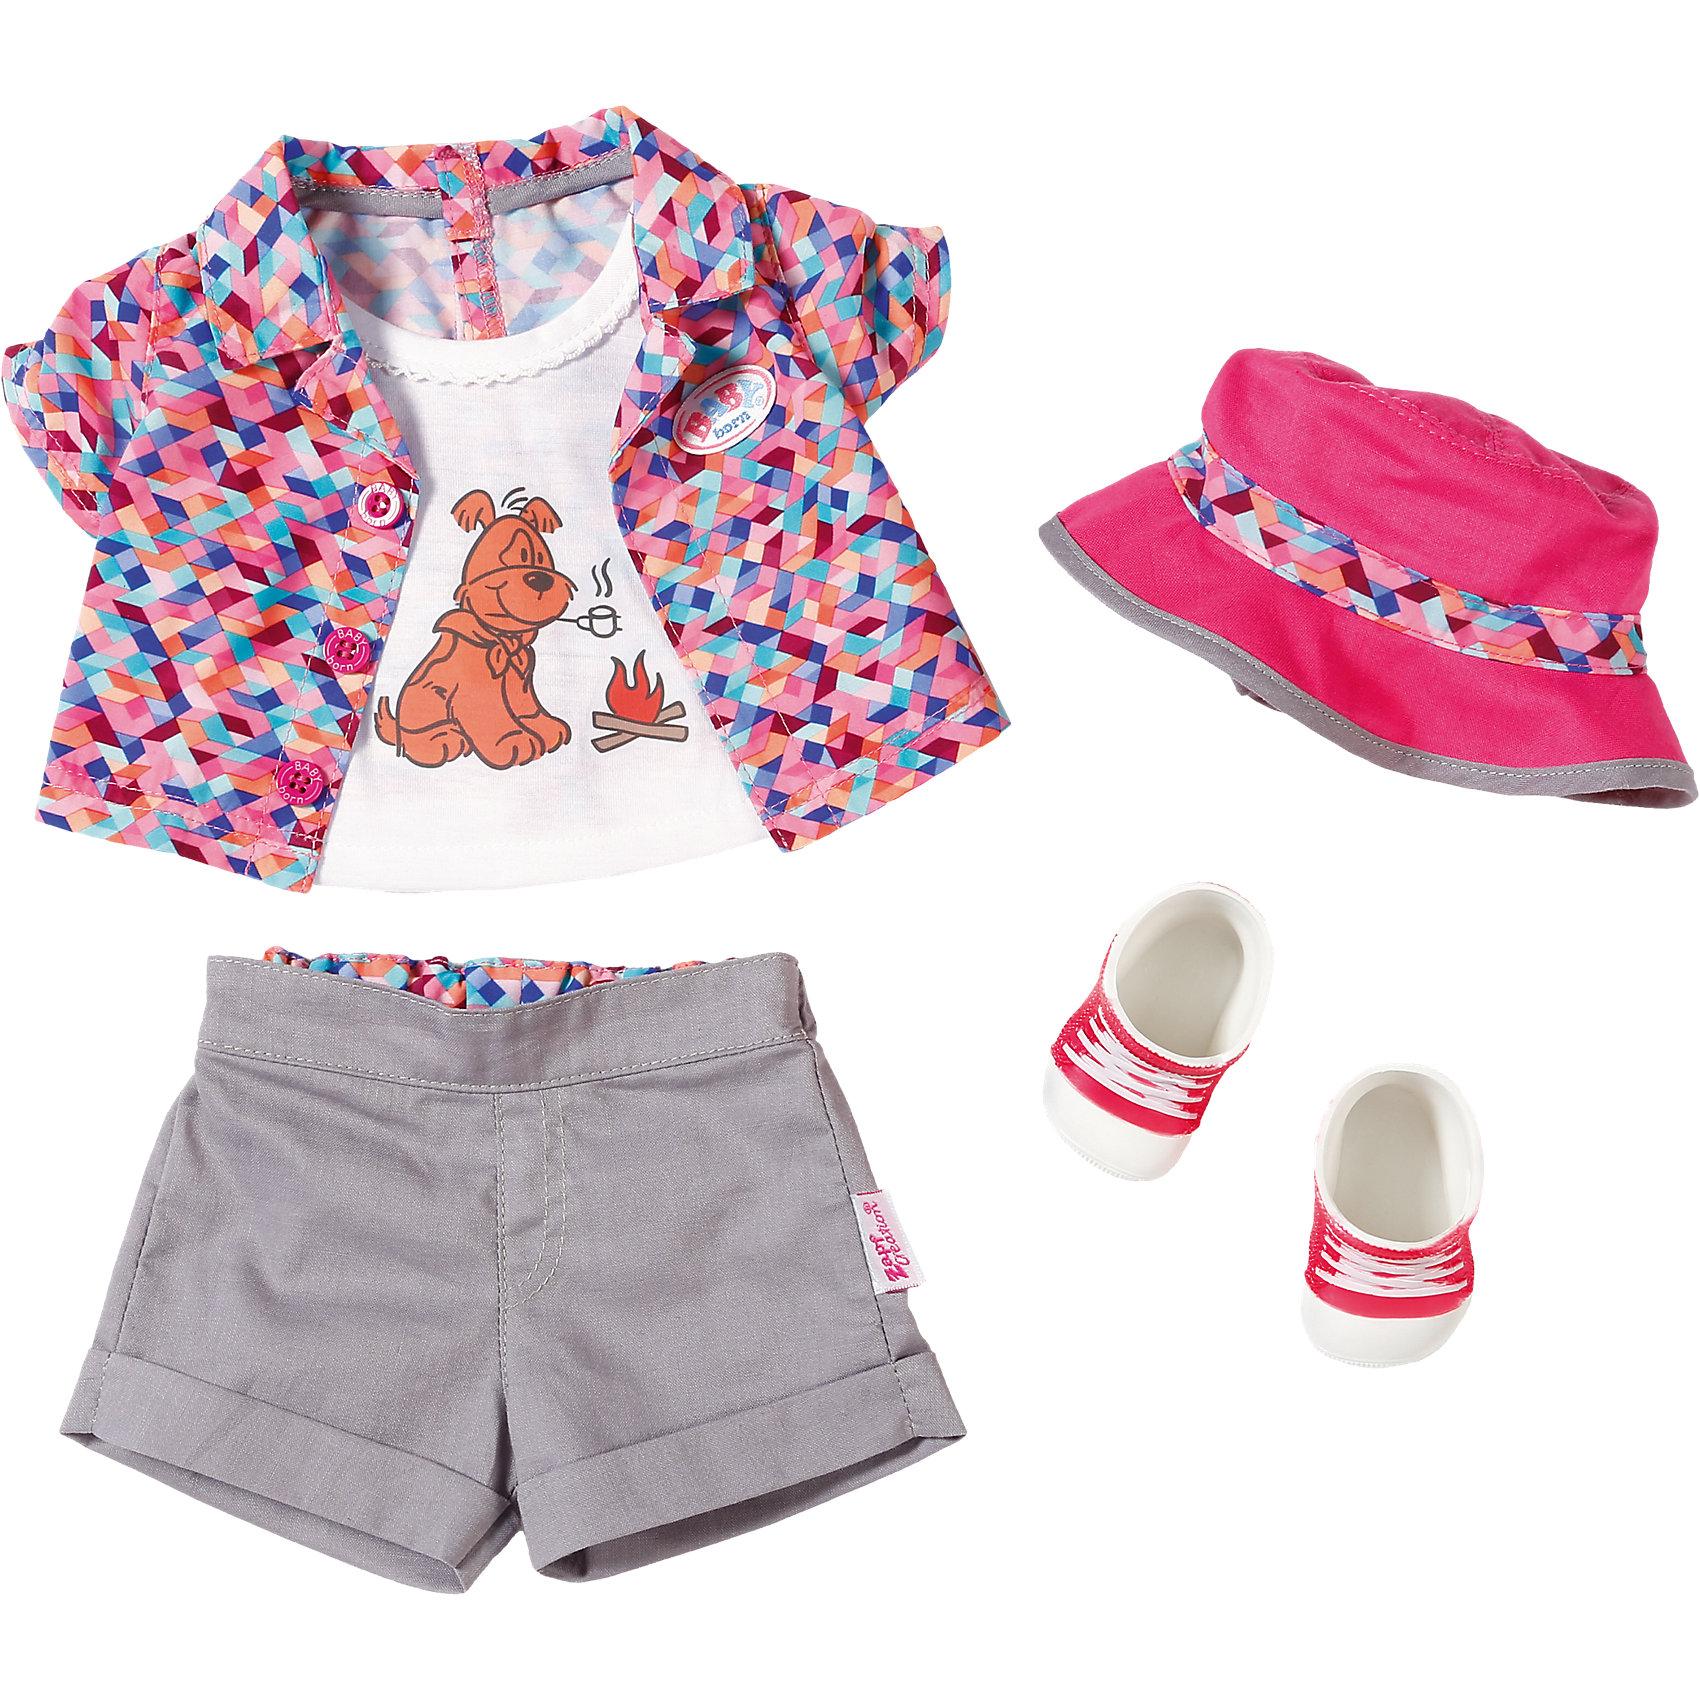 Одежда для отдыха на природе, BABY bornКукольная одежда и аксессуары<br>В наборе удобные шорты, рубашка веселой расцветки, панамка и кроссовки.<br><br>Ширина мм: 280<br>Глубина мм: 80<br>Высота мм: 360<br>Вес г: 350<br>Возраст от месяцев: 36<br>Возраст до месяцев: 60<br>Пол: Женский<br>Возраст: Детский<br>SKU: 5030827